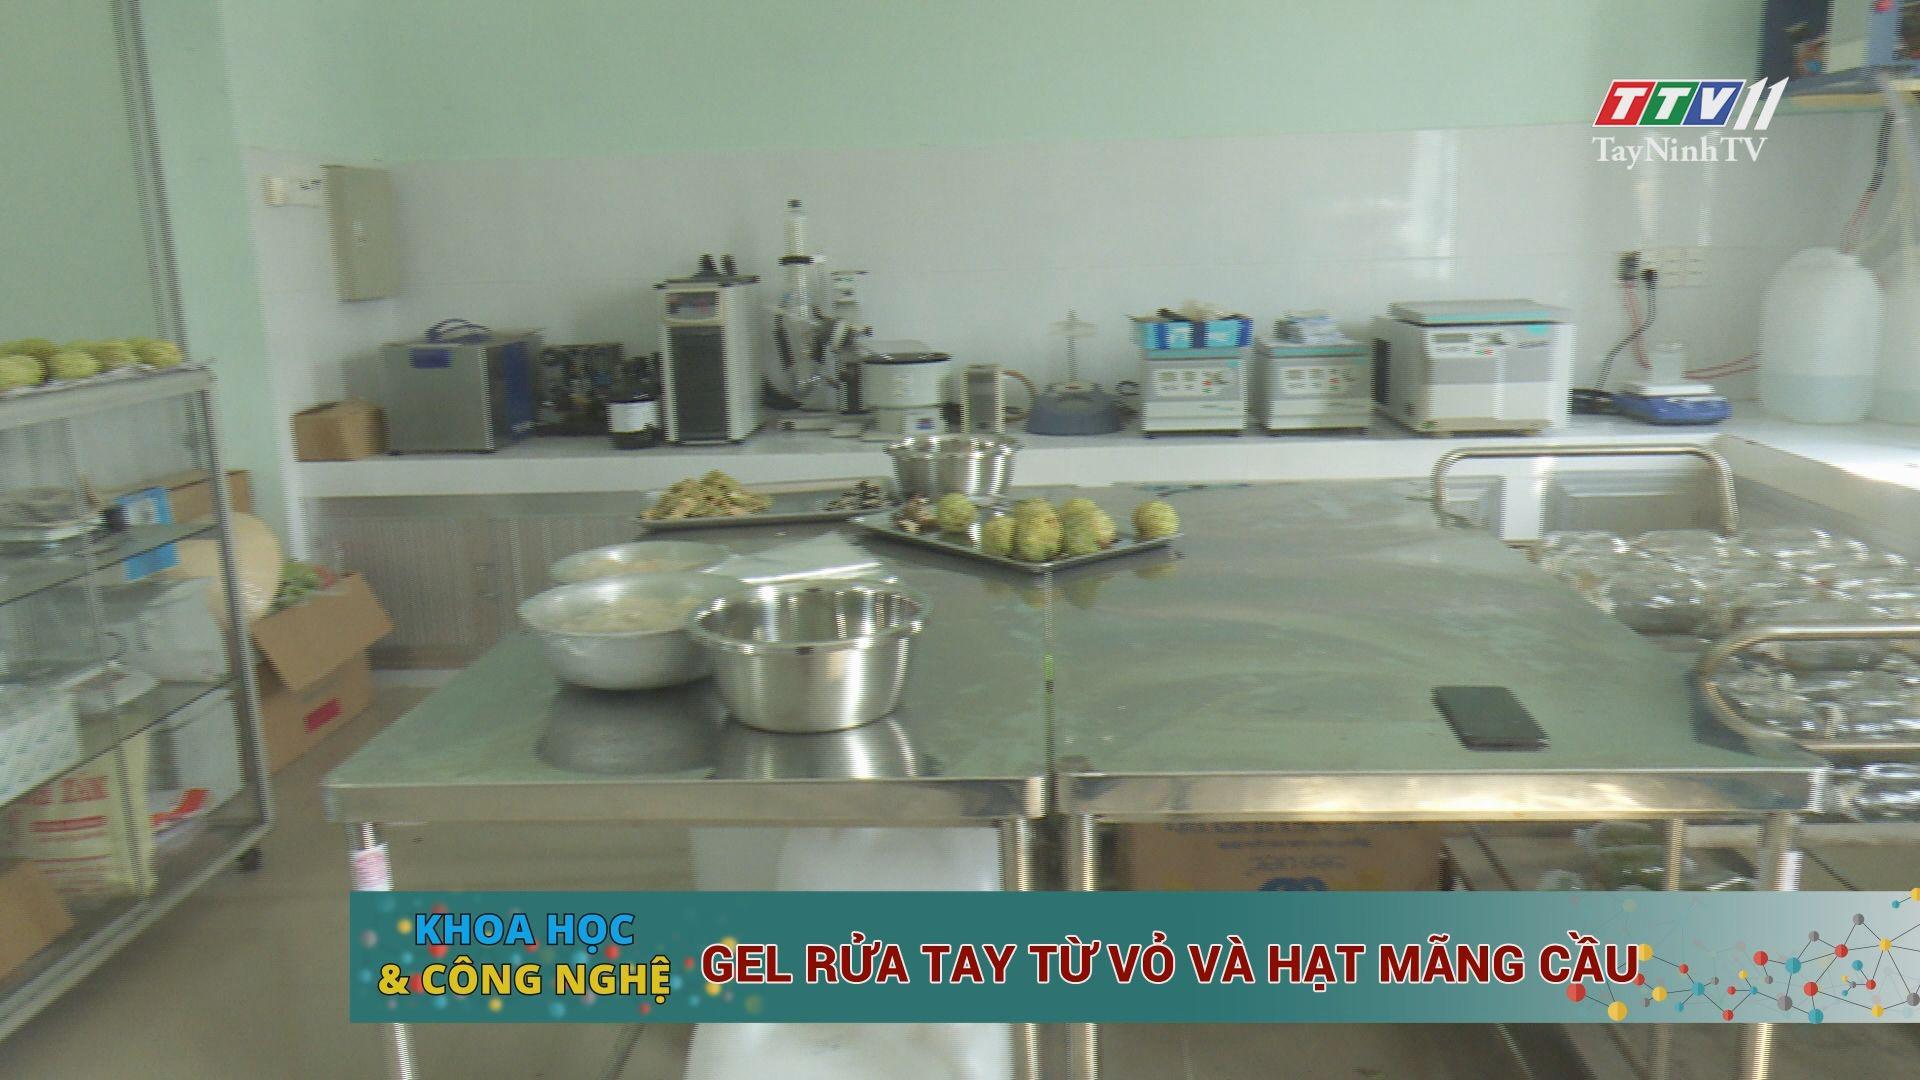 Gel rửa tay từ vỏ và hạt mãng cầu | KHOA HỌC VÀ CÔNG NGHỆ | TayNinhTV